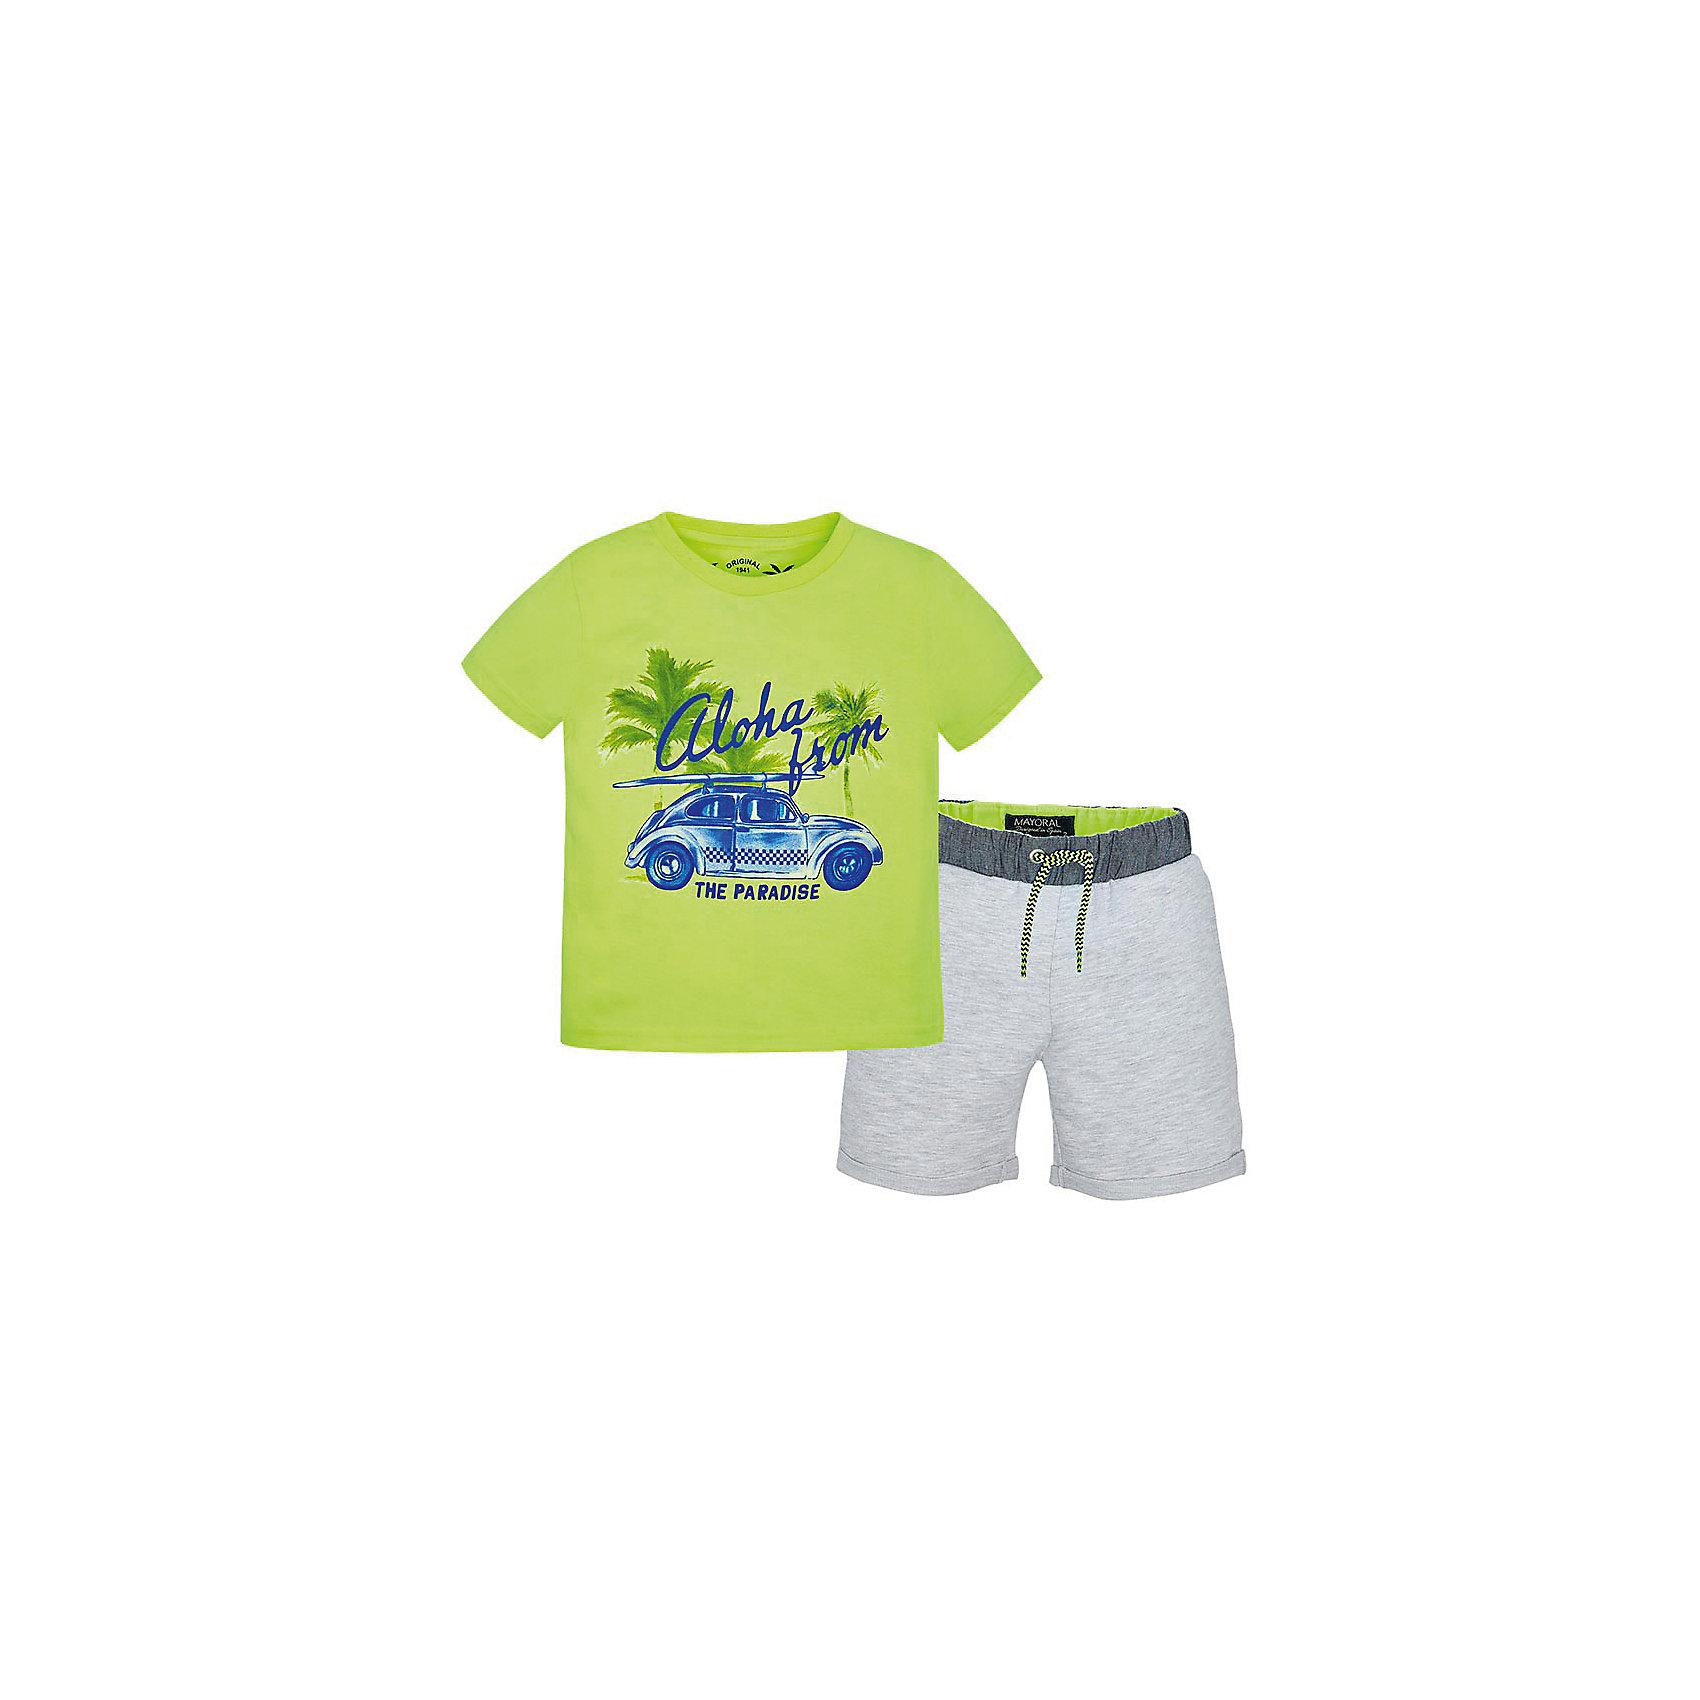 Комплект для мальчика: футболка и шорты MayoralКомплект: футболка и шорты для мальчика от известной испанской марки Mayoral <br><br>Модная футболка с шортами от Mayoral особенно актуальны в теплое время года! Она прекрасно сочетаются и с другими вещами.  Модель выполнена из качественных материалов, отлично сидит по фигуре.<br><br>Особенности модели:<br><br>- цвет: серый, зеленый;<br>- принт;<br>- шорты - на резинке и шнурке;<br>- натуральный материал.<br><br>Дополнительная информация:<br><br>Состав: 100% хлопок<br><br>Комплект: футболка и шорты для мальчика Mayoral (Майорал) можно купить в нашем магазине.<br><br>Ширина мм: 199<br>Глубина мм: 10<br>Высота мм: 161<br>Вес г: 151<br>Цвет: белый<br>Возраст от месяцев: 24<br>Возраст до месяцев: 36<br>Пол: Мужской<br>Возраст: Детский<br>Размер: 98,134,128,92,116,104,110,122<br>SKU: 4542731